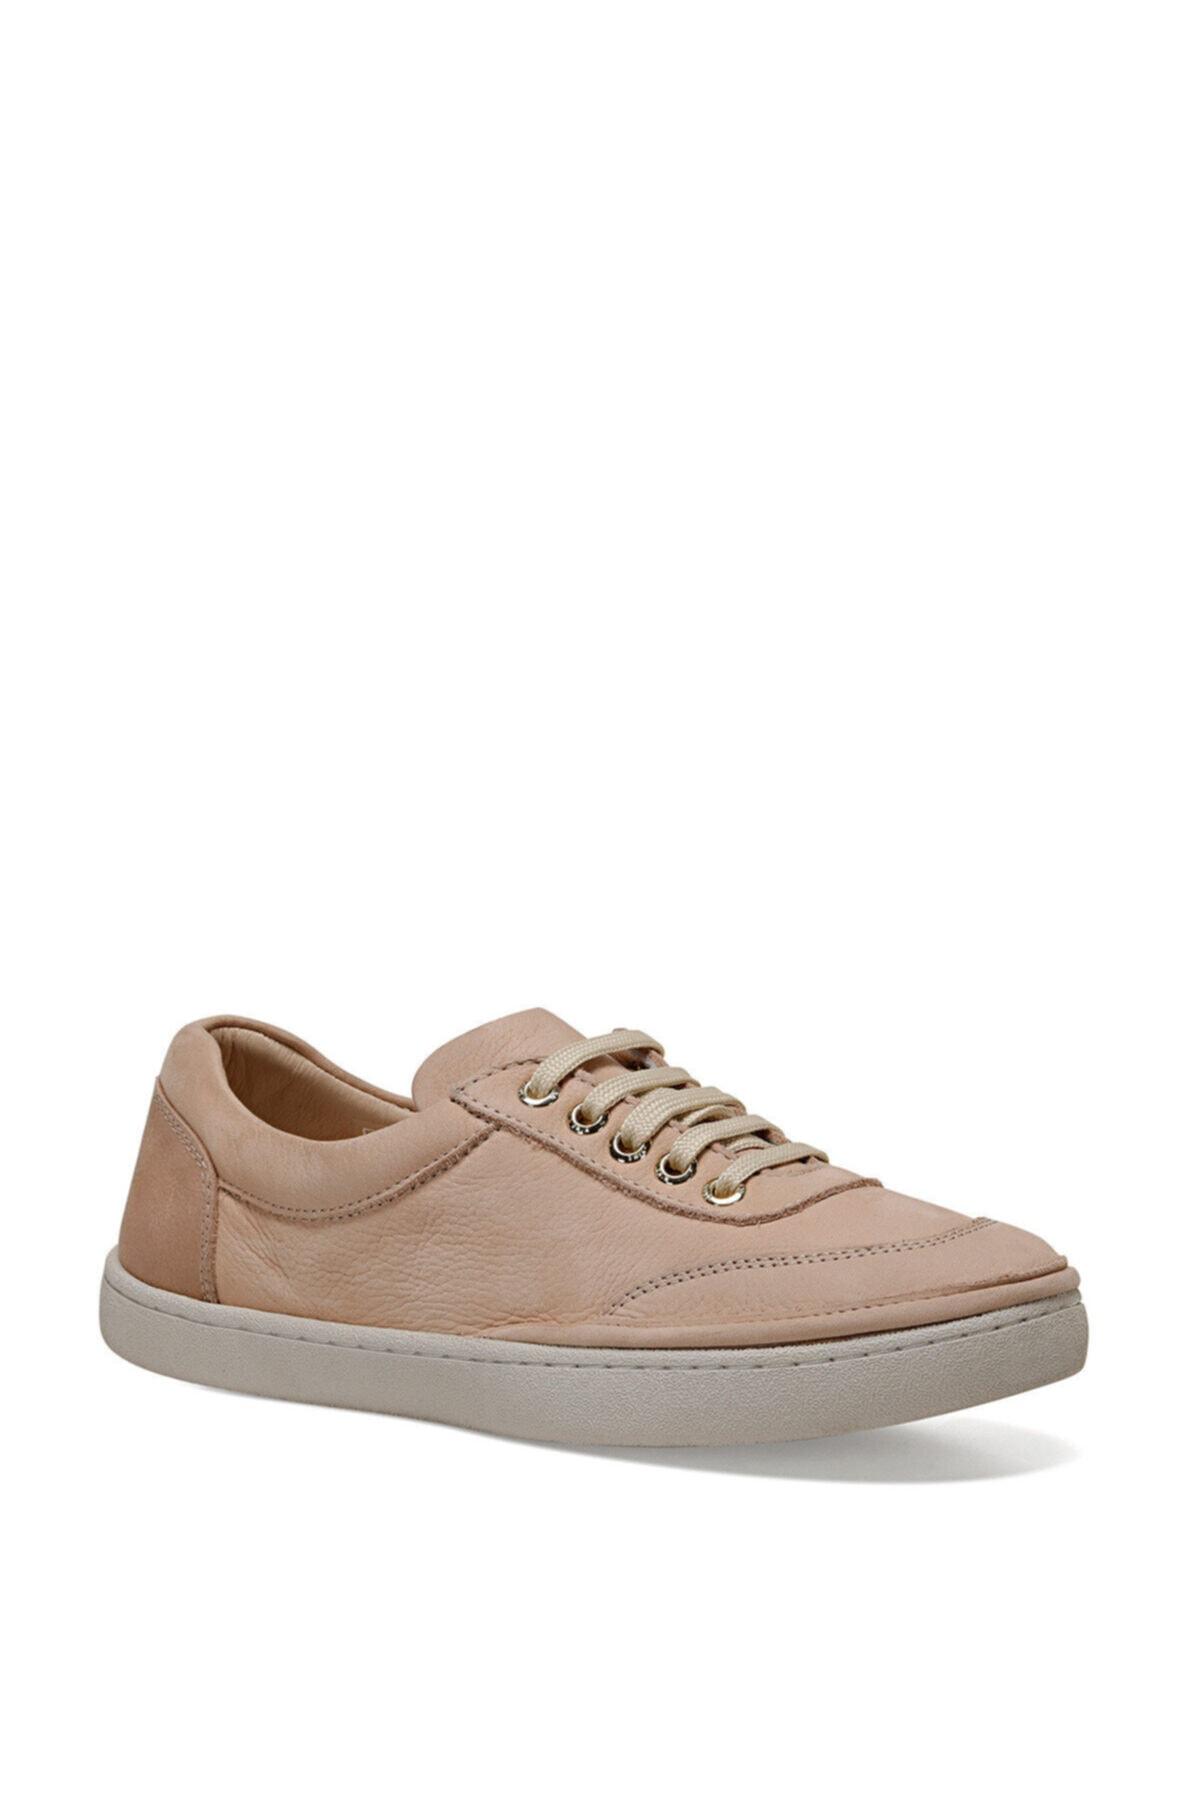 Nine West CARAVAGGIO Pudra Kadın Günlük Ayakkabı 100525962 2